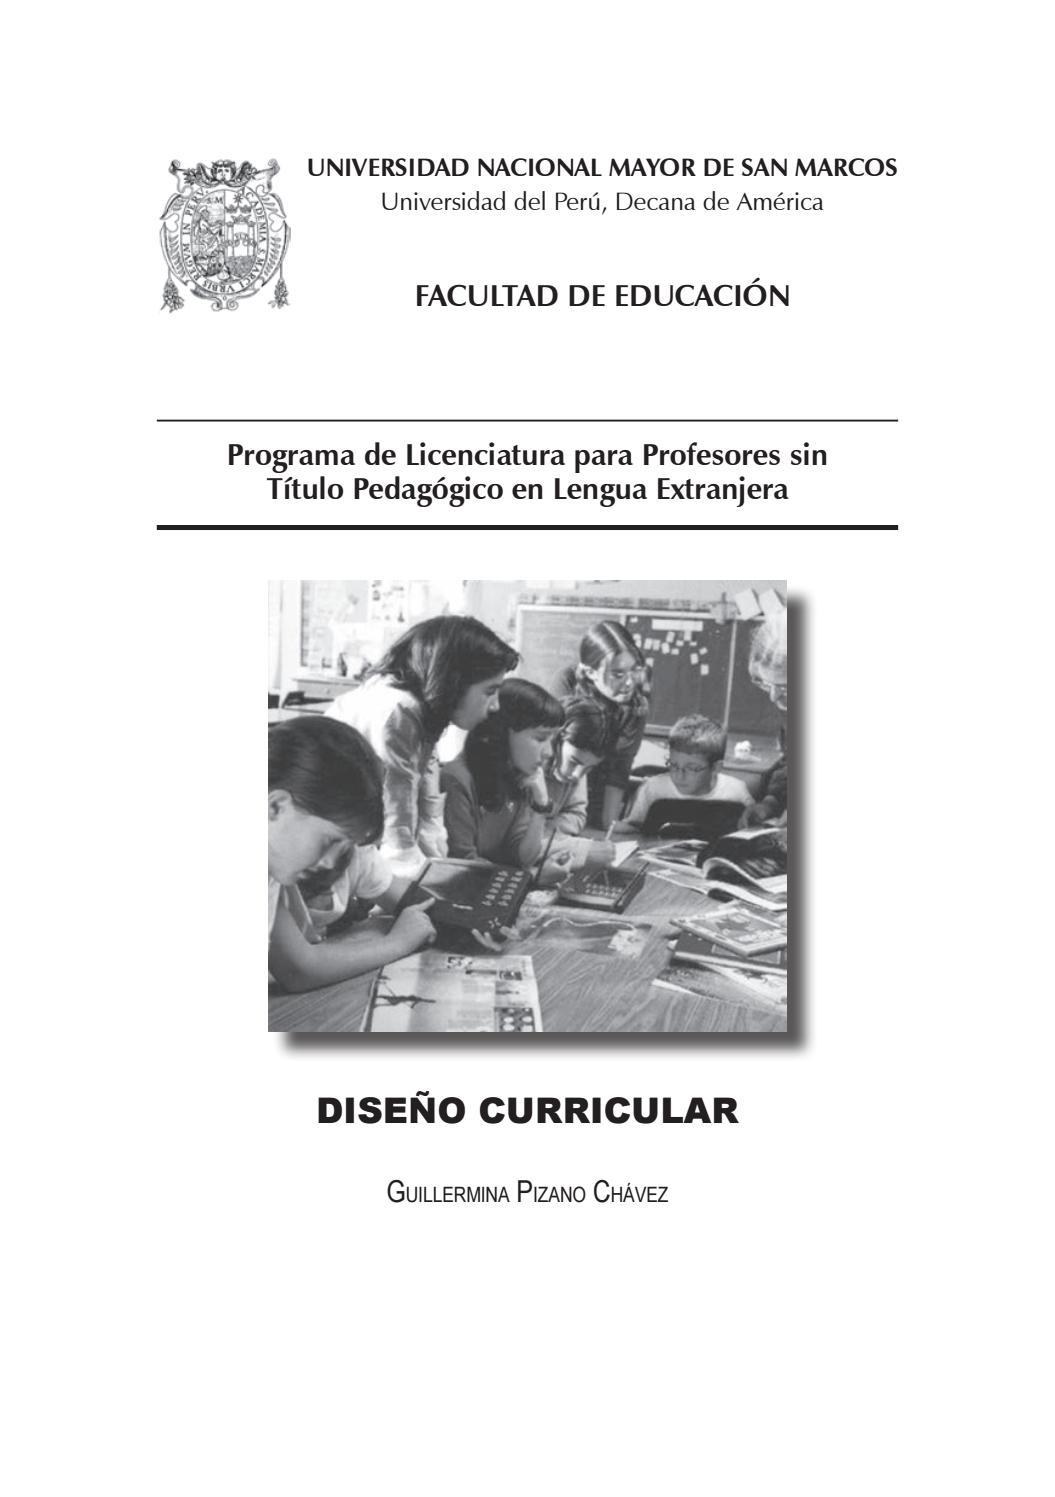 Diseño curricular by UNMSM-PROLEX - issuu